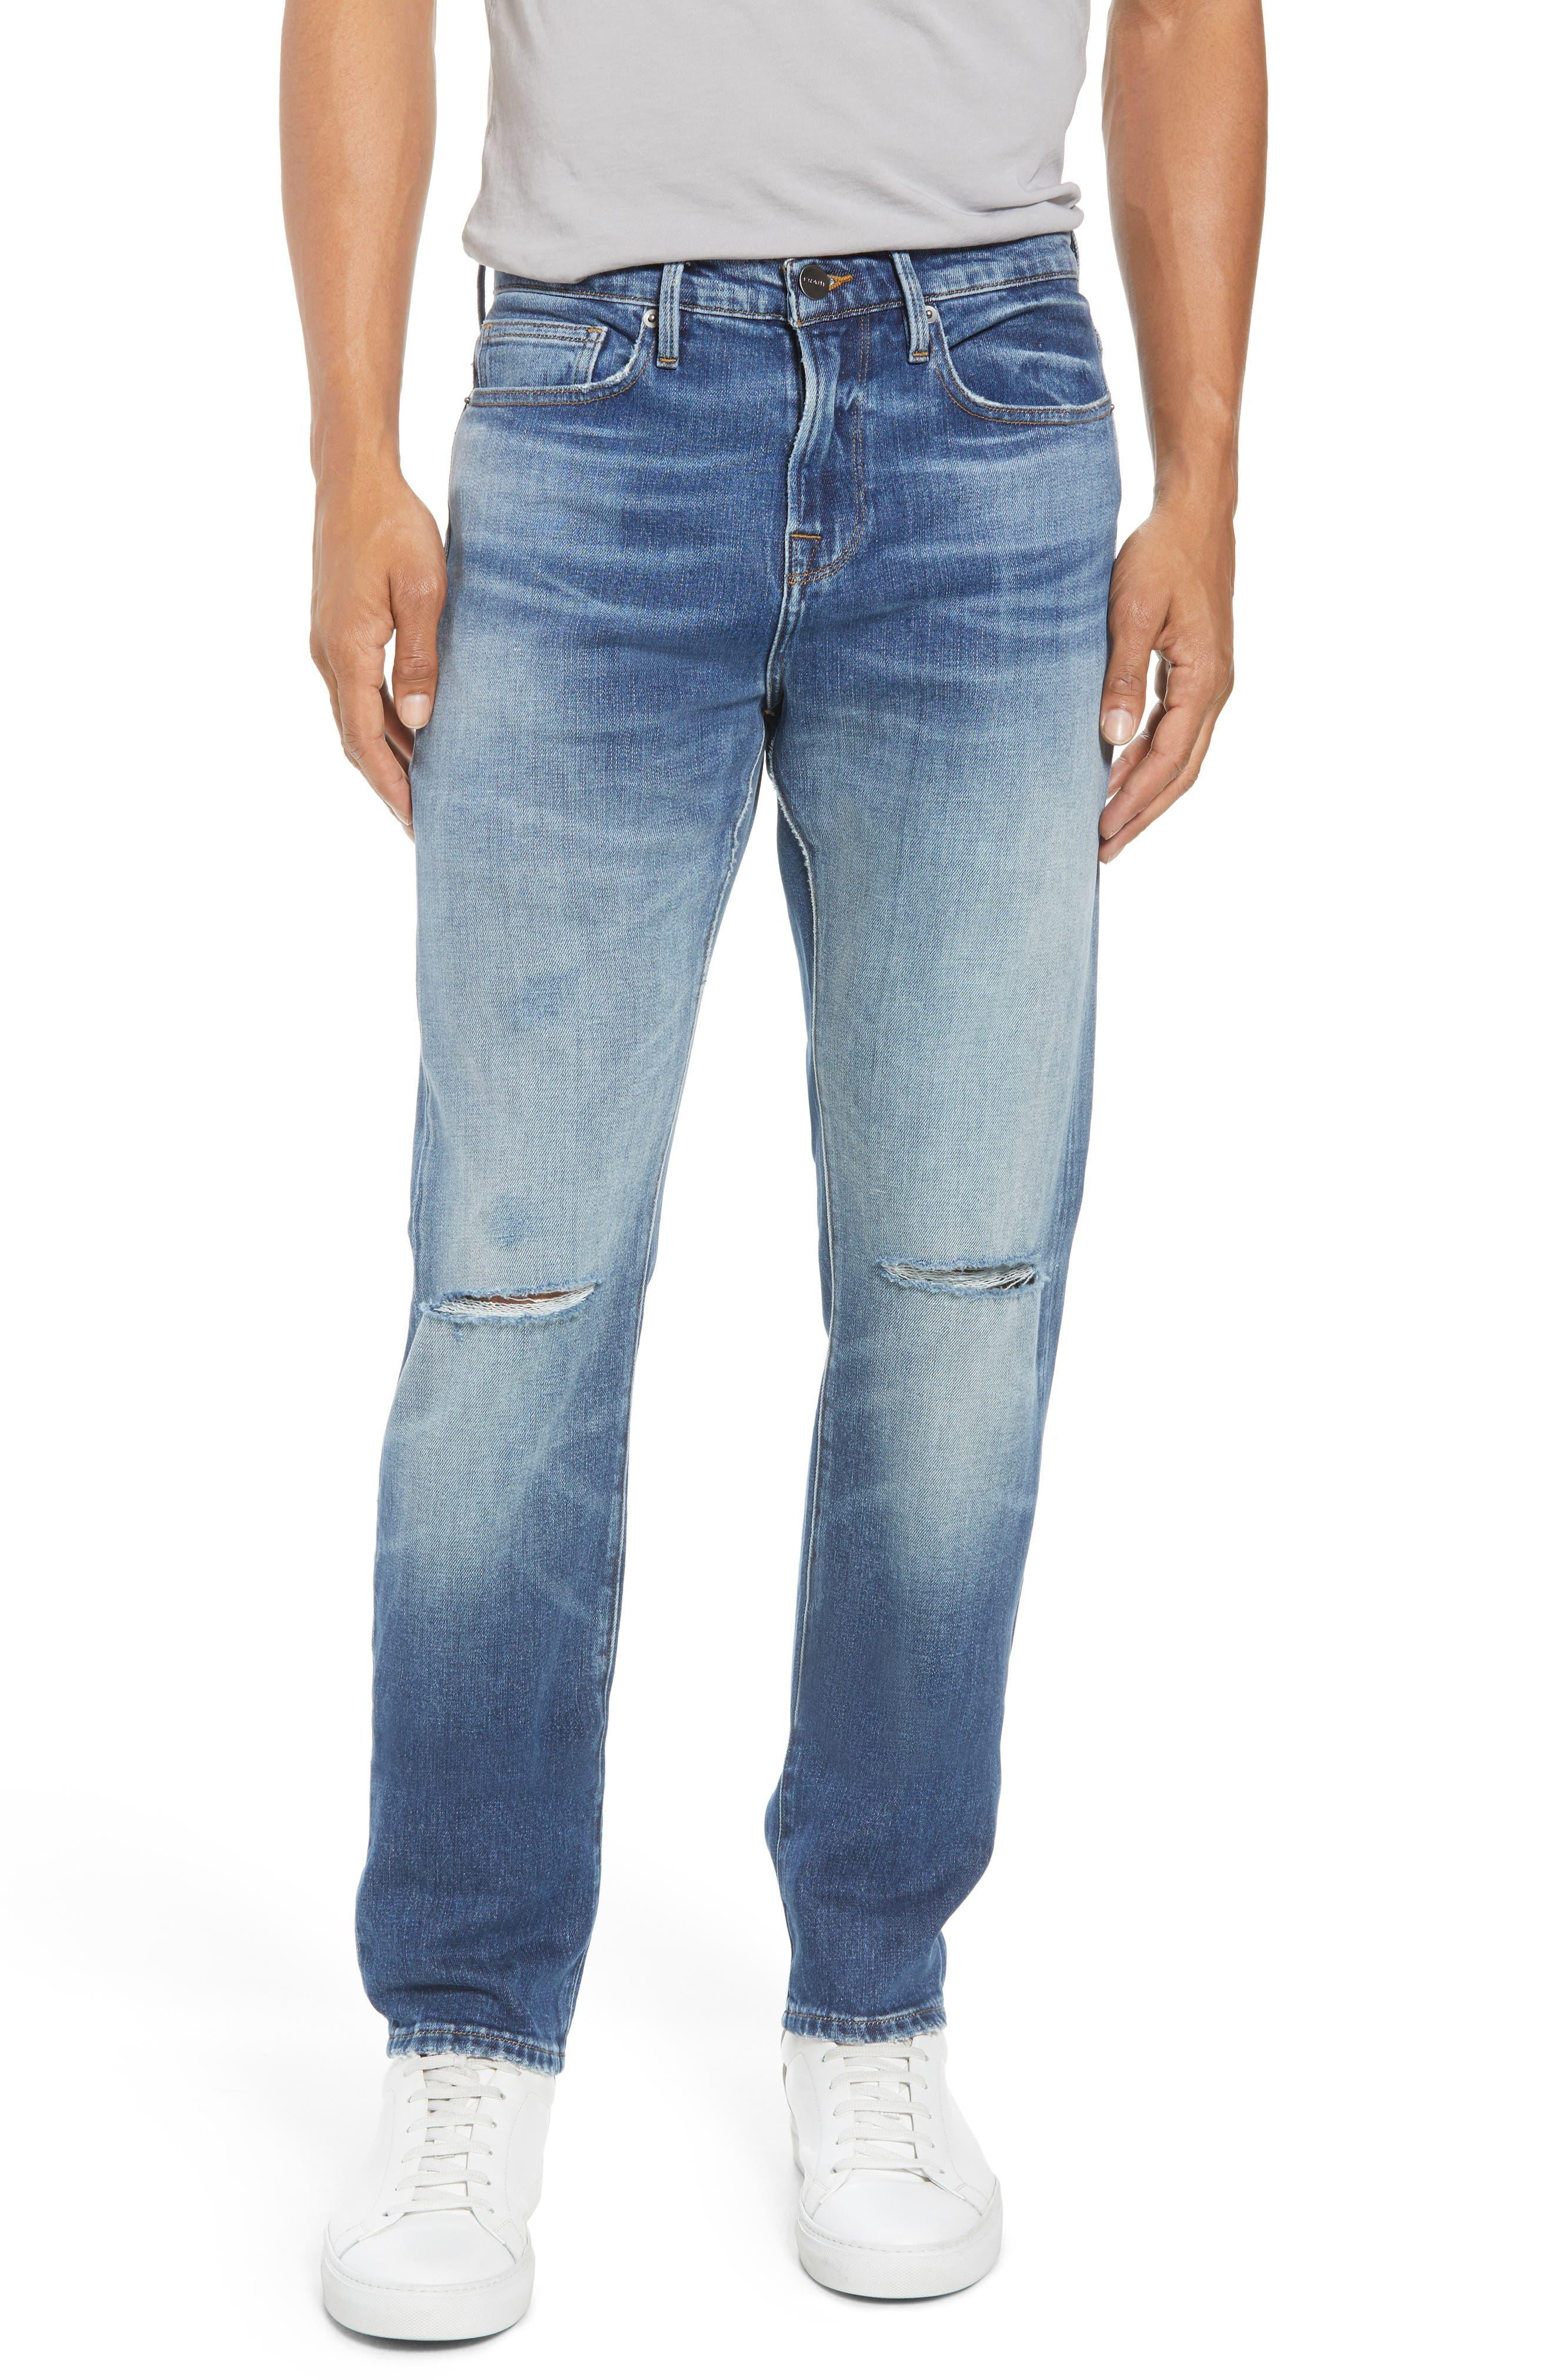 L'Homme Slim Fit Jeans,                         Main,                         color, Yucca